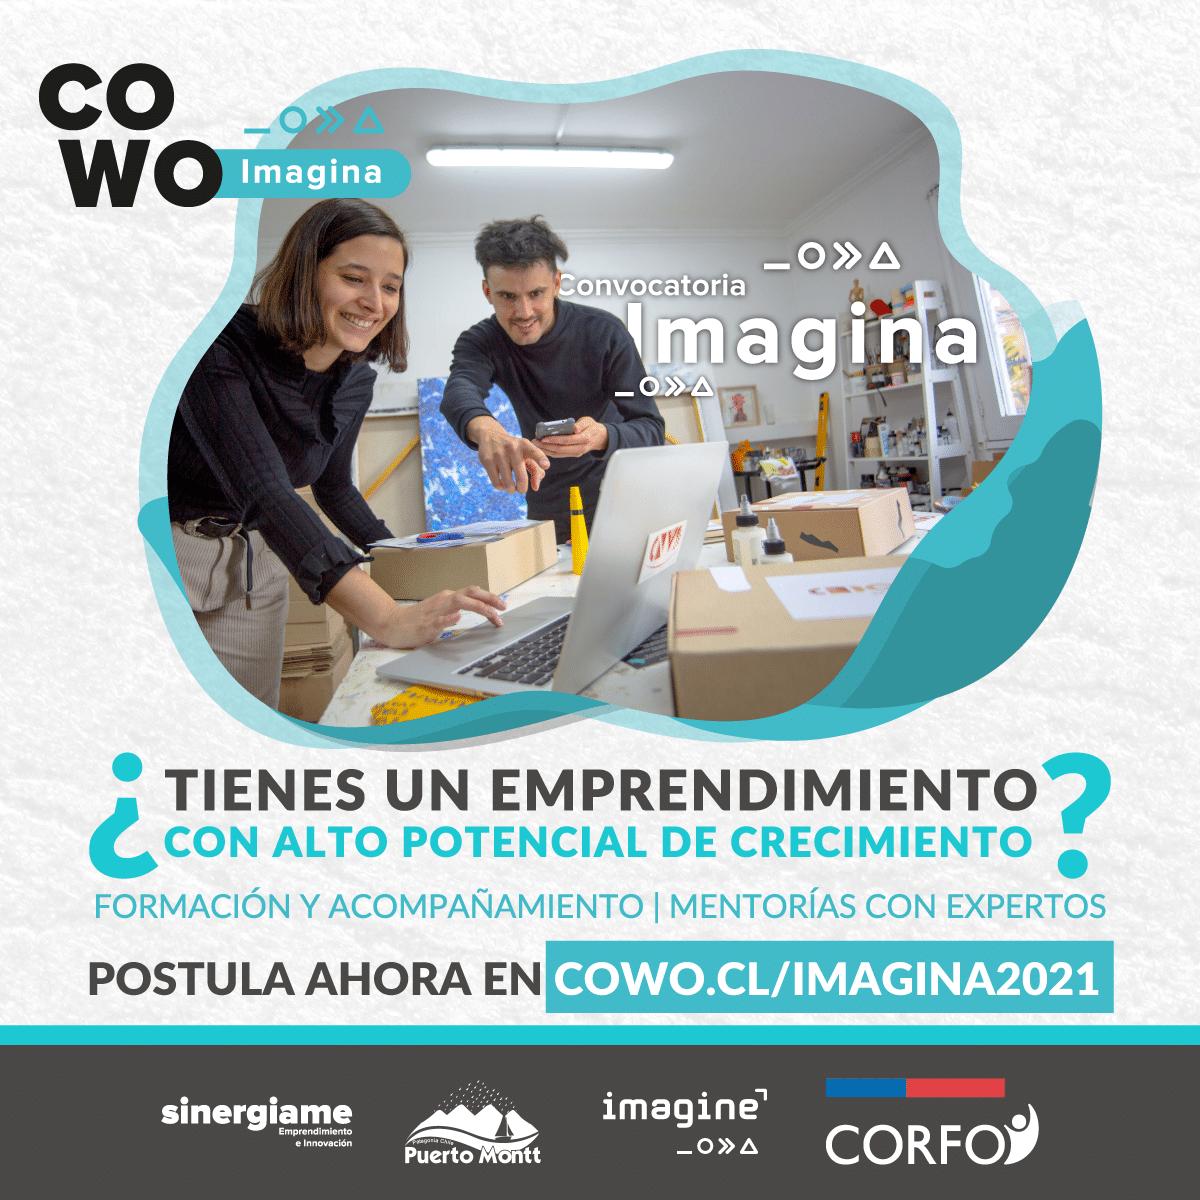 Programa Imagina 2021: Convocatoria para emprendedores